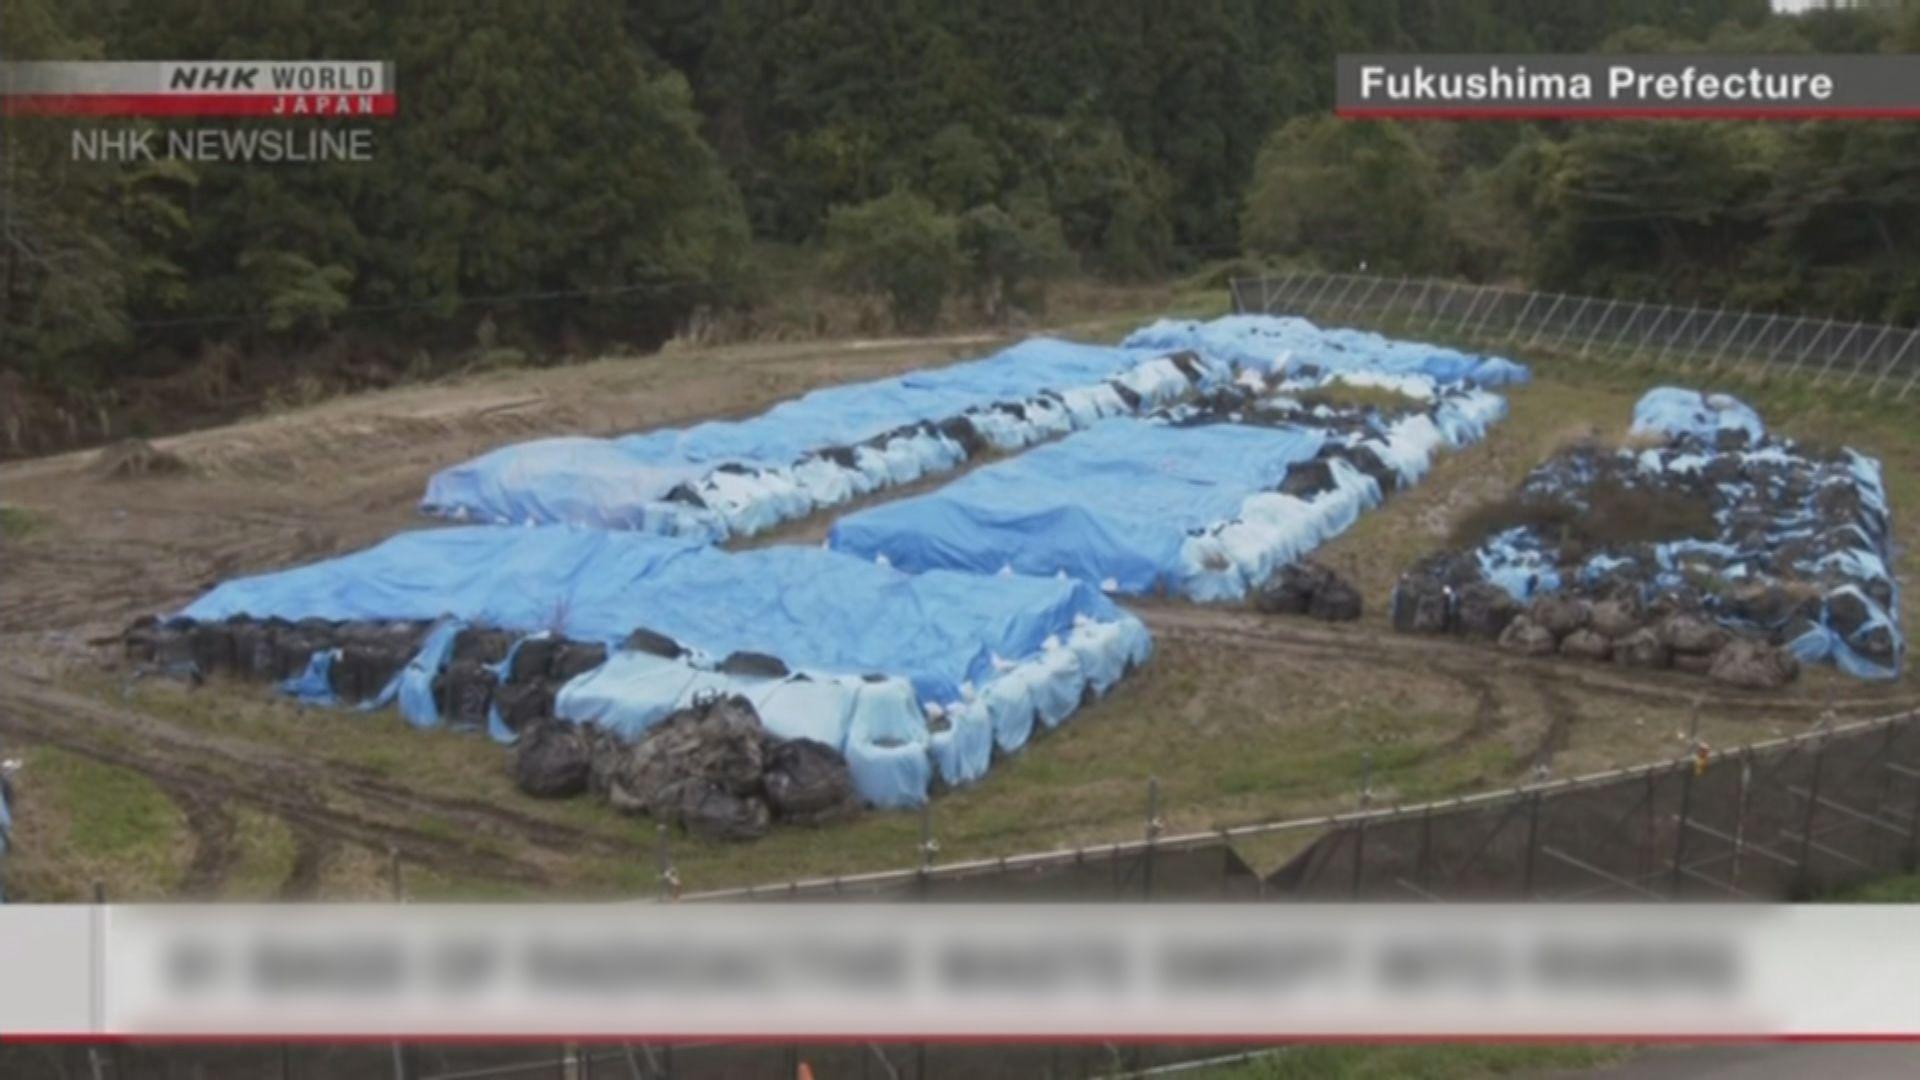 日本證實上月颱風期間有核污染物沖入河流